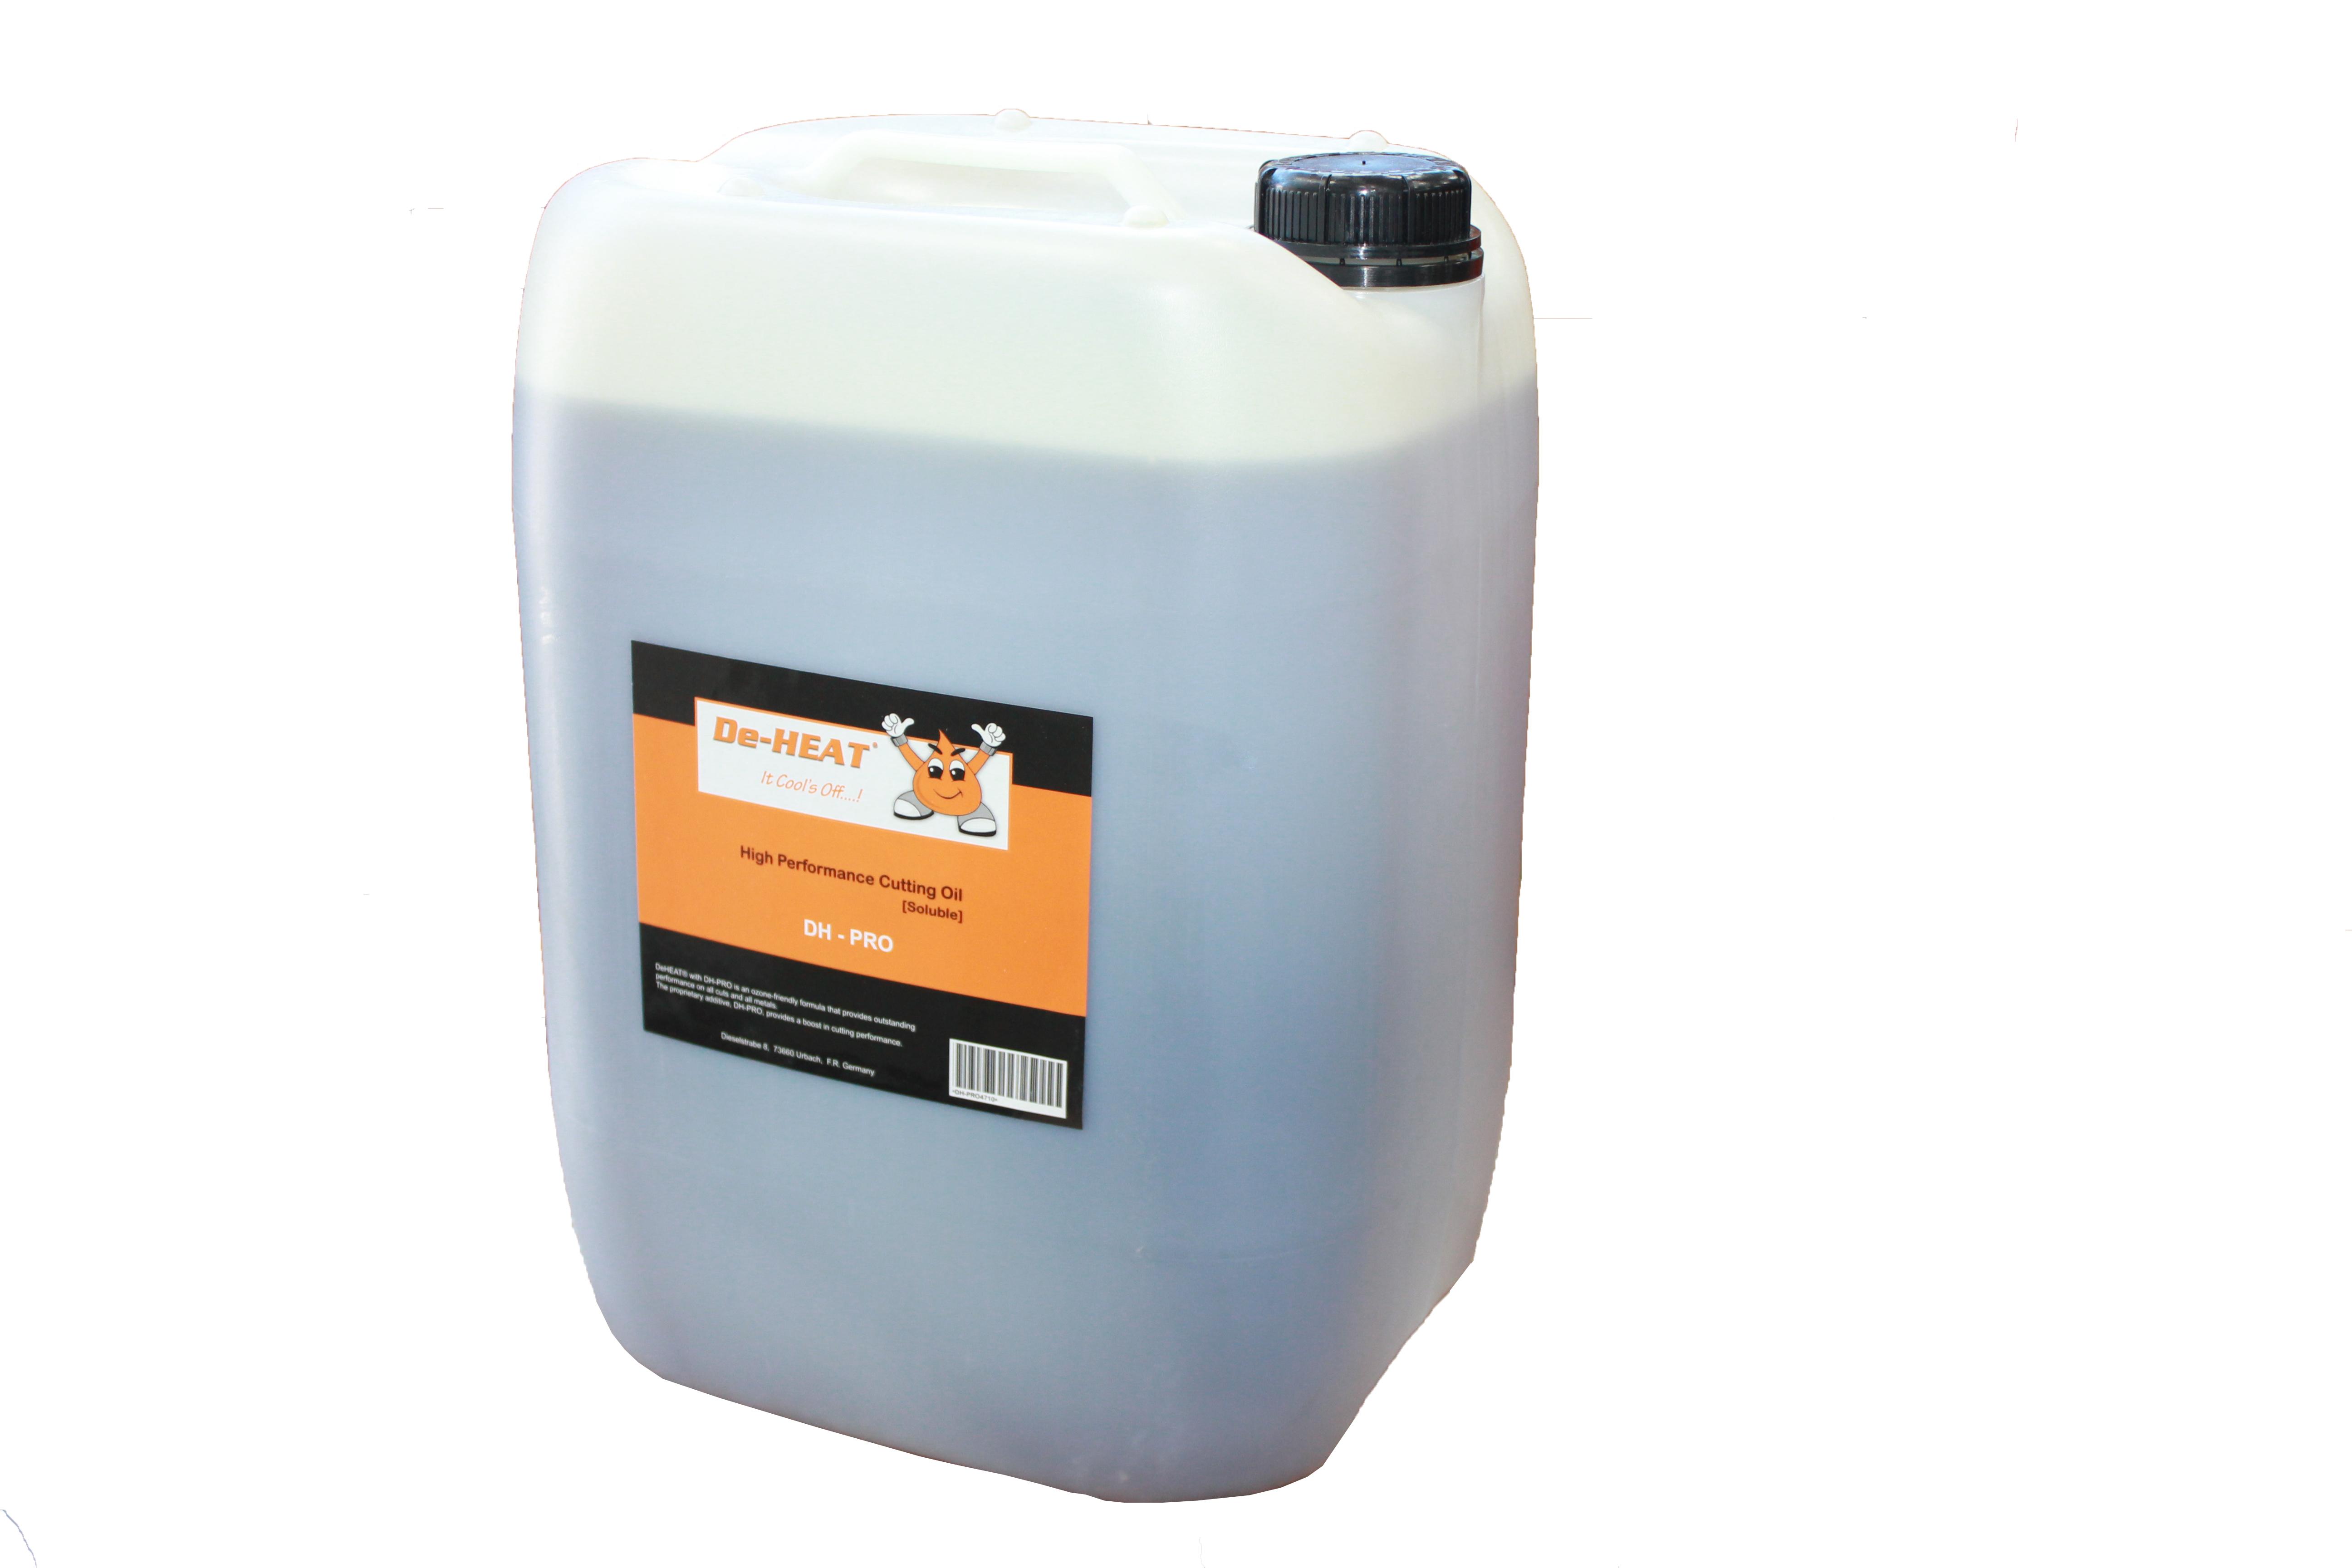 DeHEAT Metal Cutting Oil - Can20